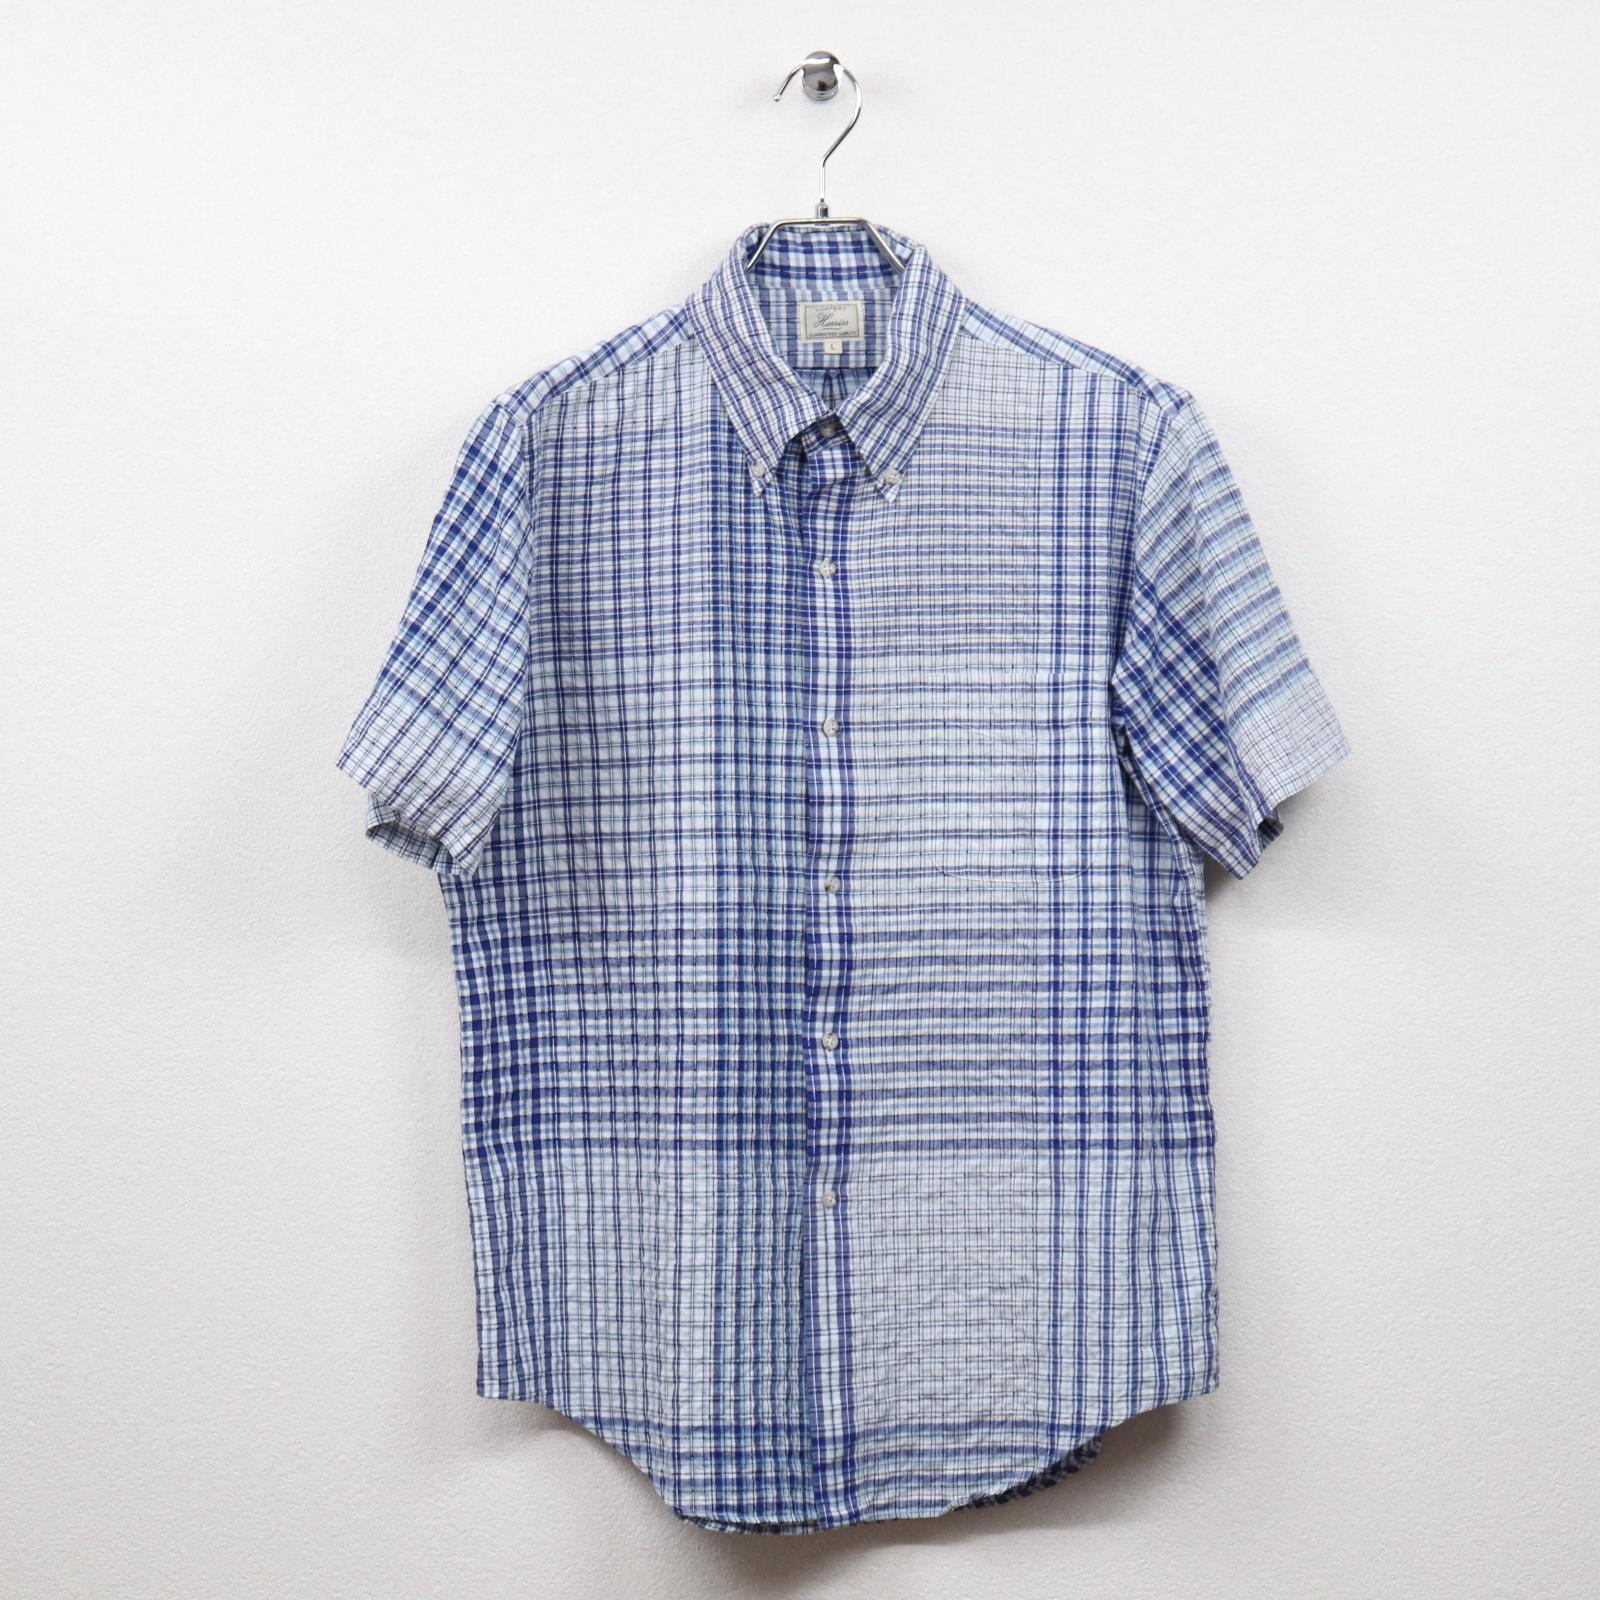 ハリス(HARRISS)チェック柄半袖ボタンダウンシャツ Mサイズ コンディションB ブルー系 価格1,980(税込)